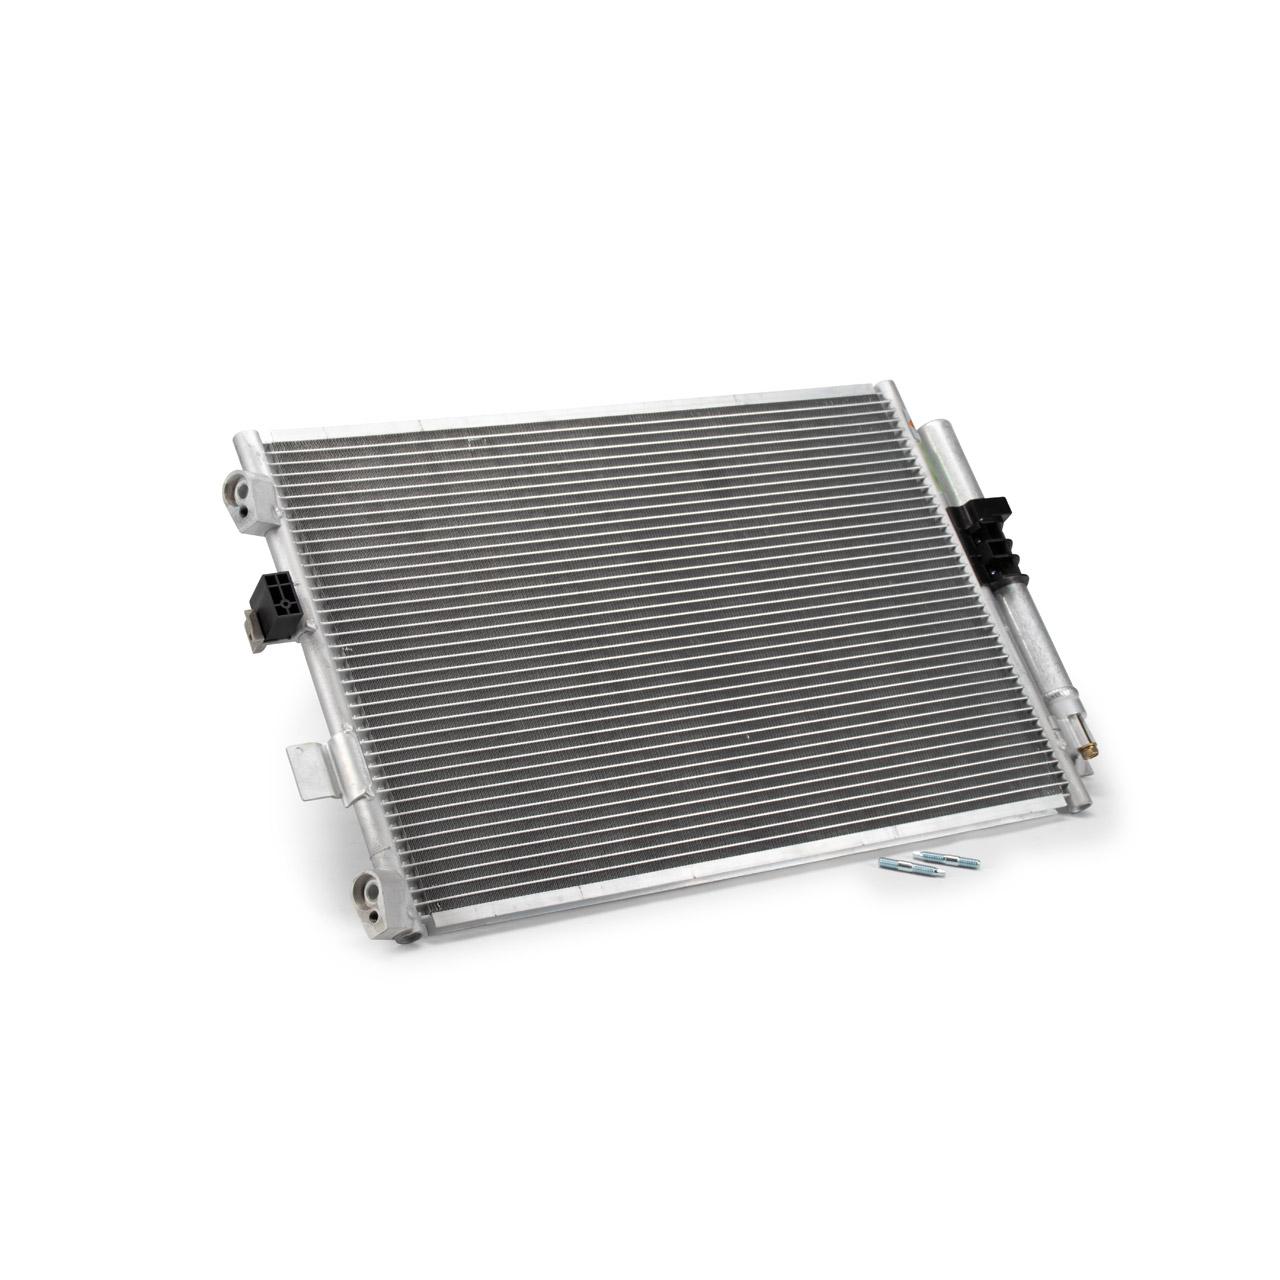 NRF 350347 Kondensator EASY FIT FORD C-Max 2 Focus 3 MK3 Kuga 2 DM2 Transit V408 1828970